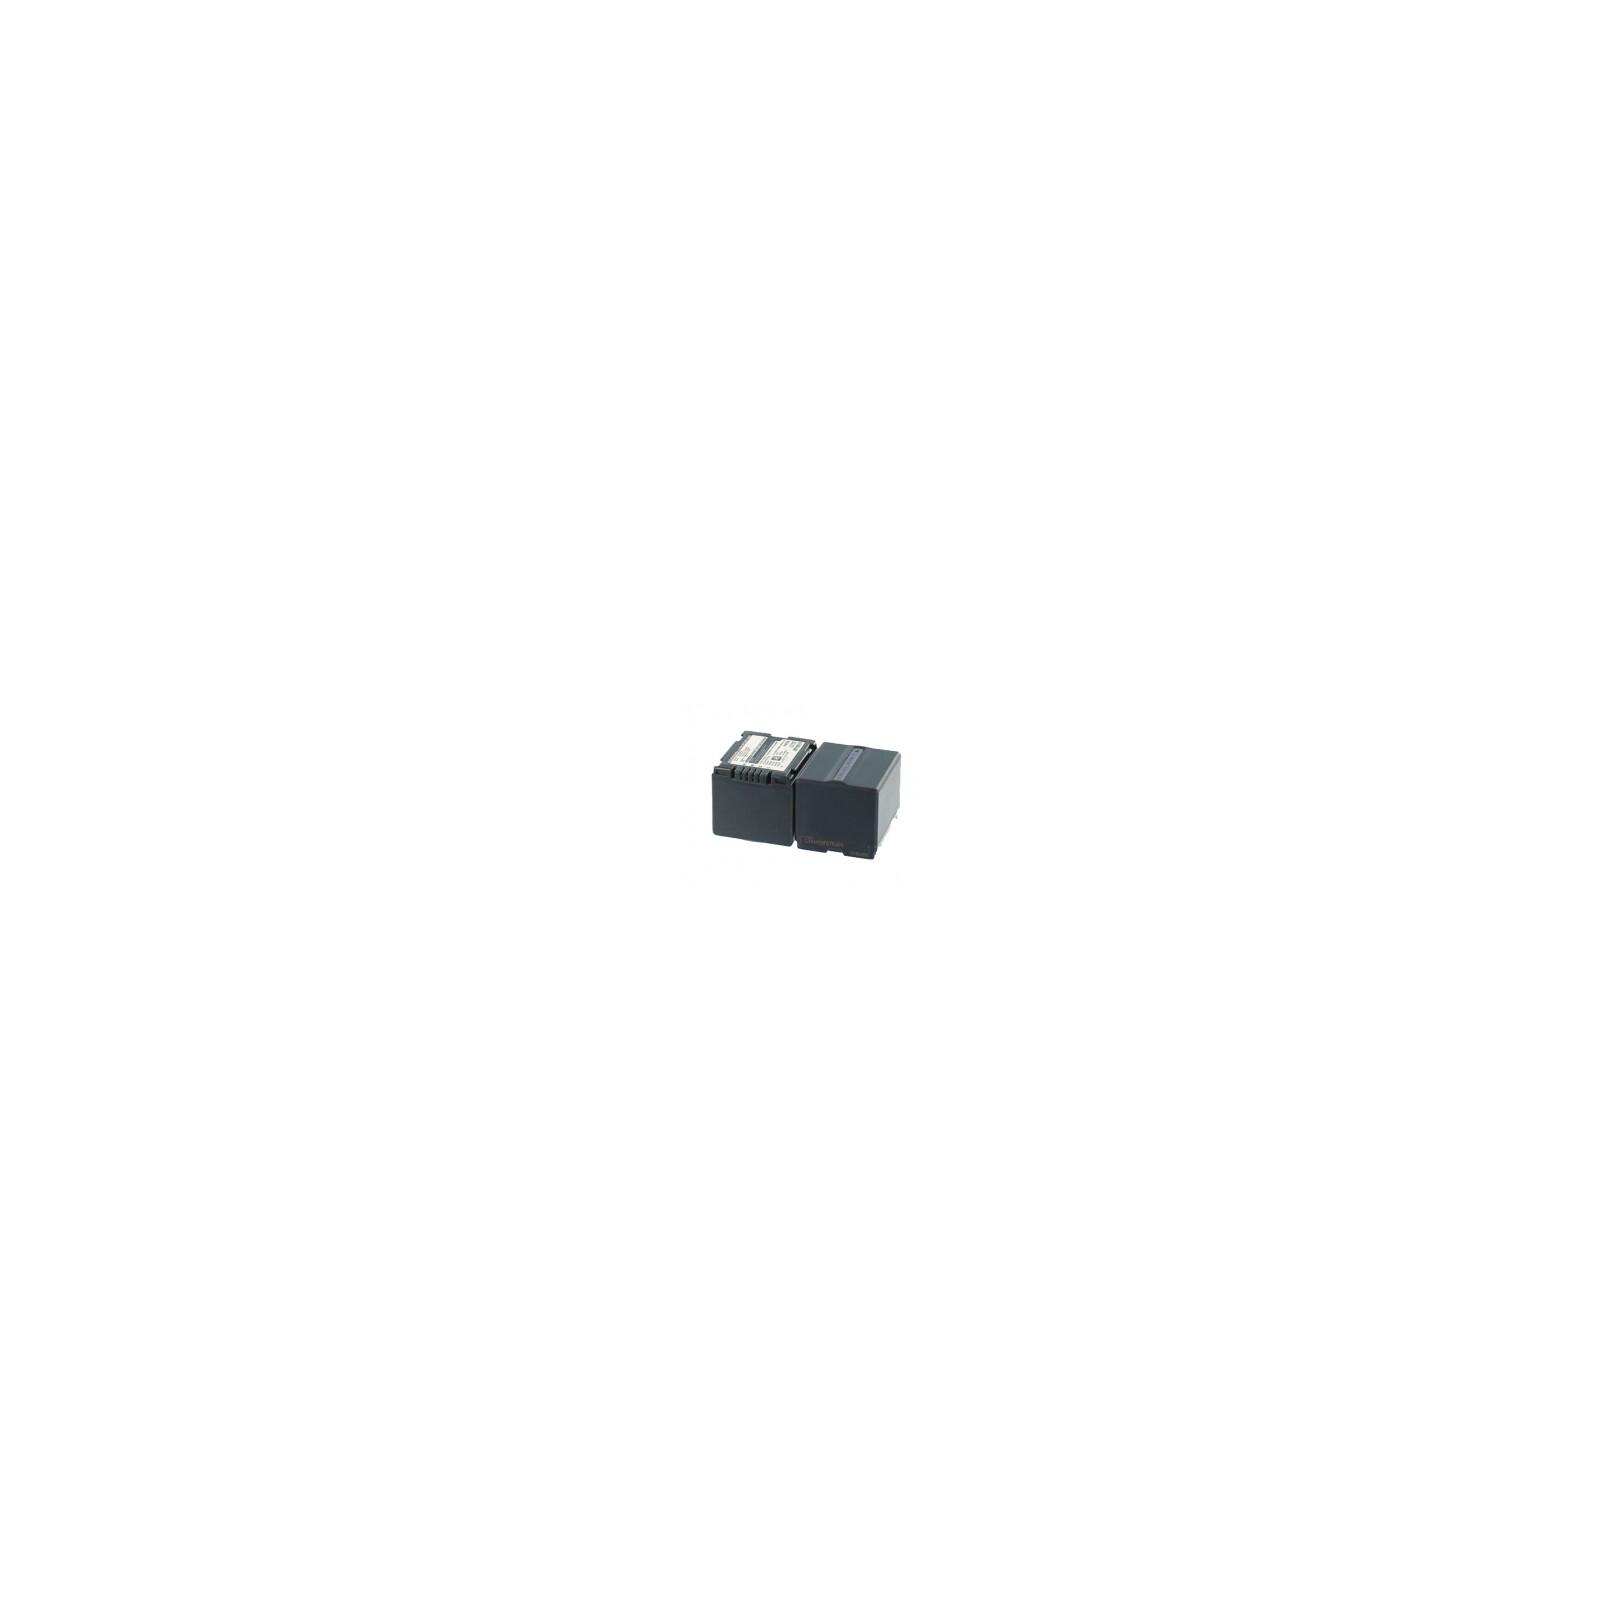 AGI Akku Panasonic NV-GS400 1.050mAh